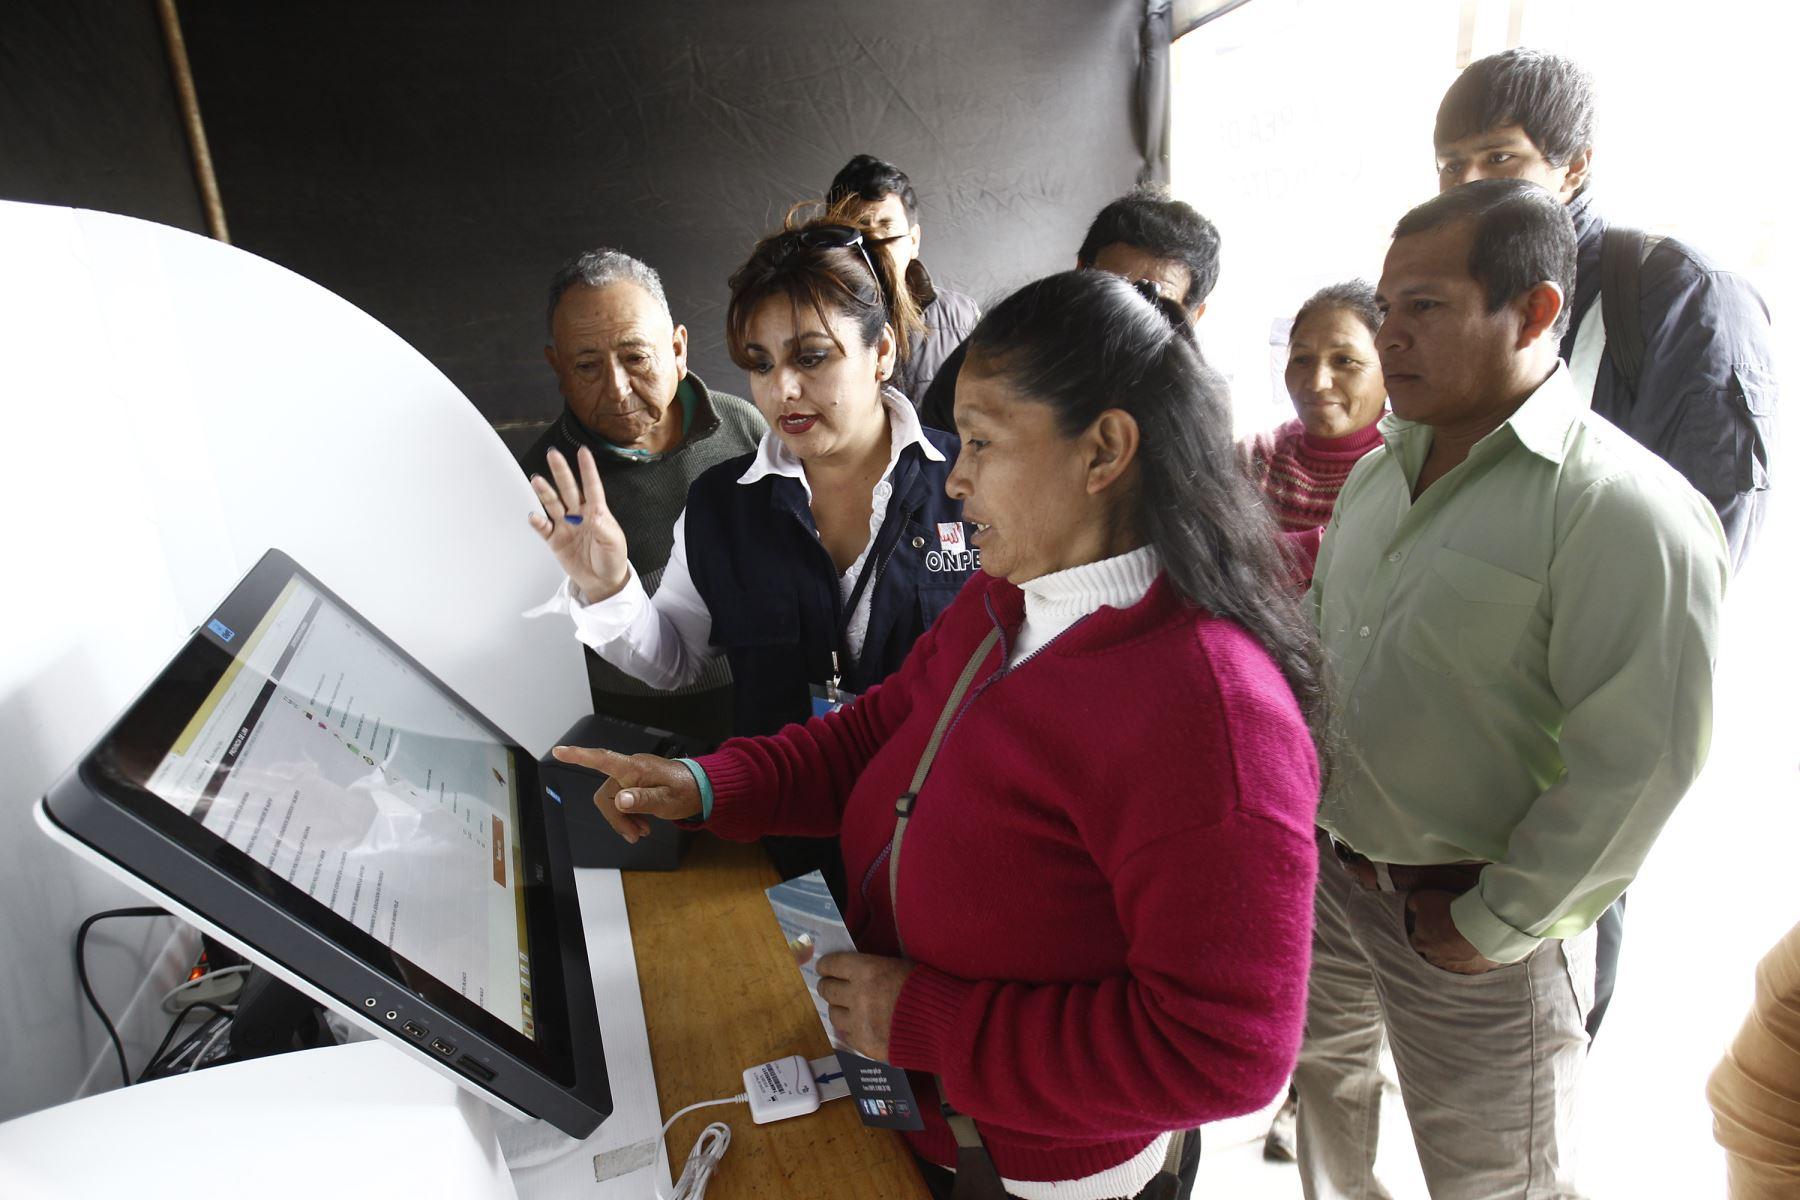 LIMA, PERÚ - OCTUBRE 05. Implementación del voto electrónico en Punta Hermosa.Foto: ANDINA/Juan Carlos Guzmán Negrini.